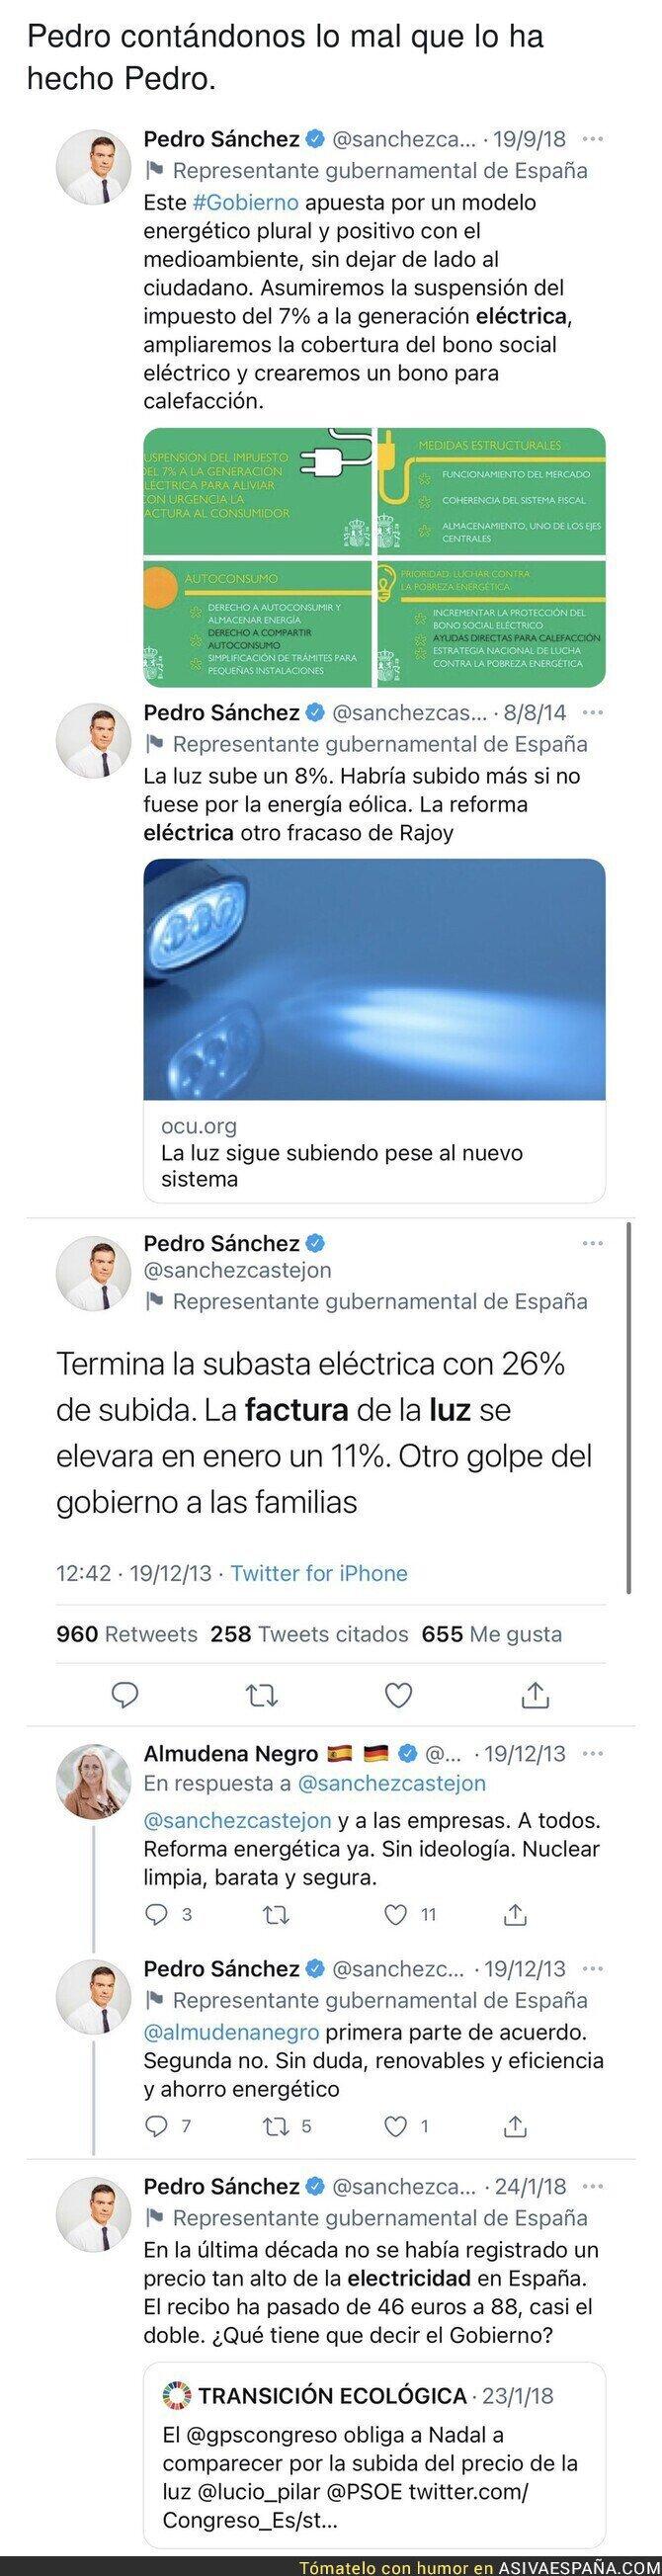 786637 - Todos estos tuits del pasado de Pedro Sánchez le dejan totalmente mal con la situación que está pasando en 2021